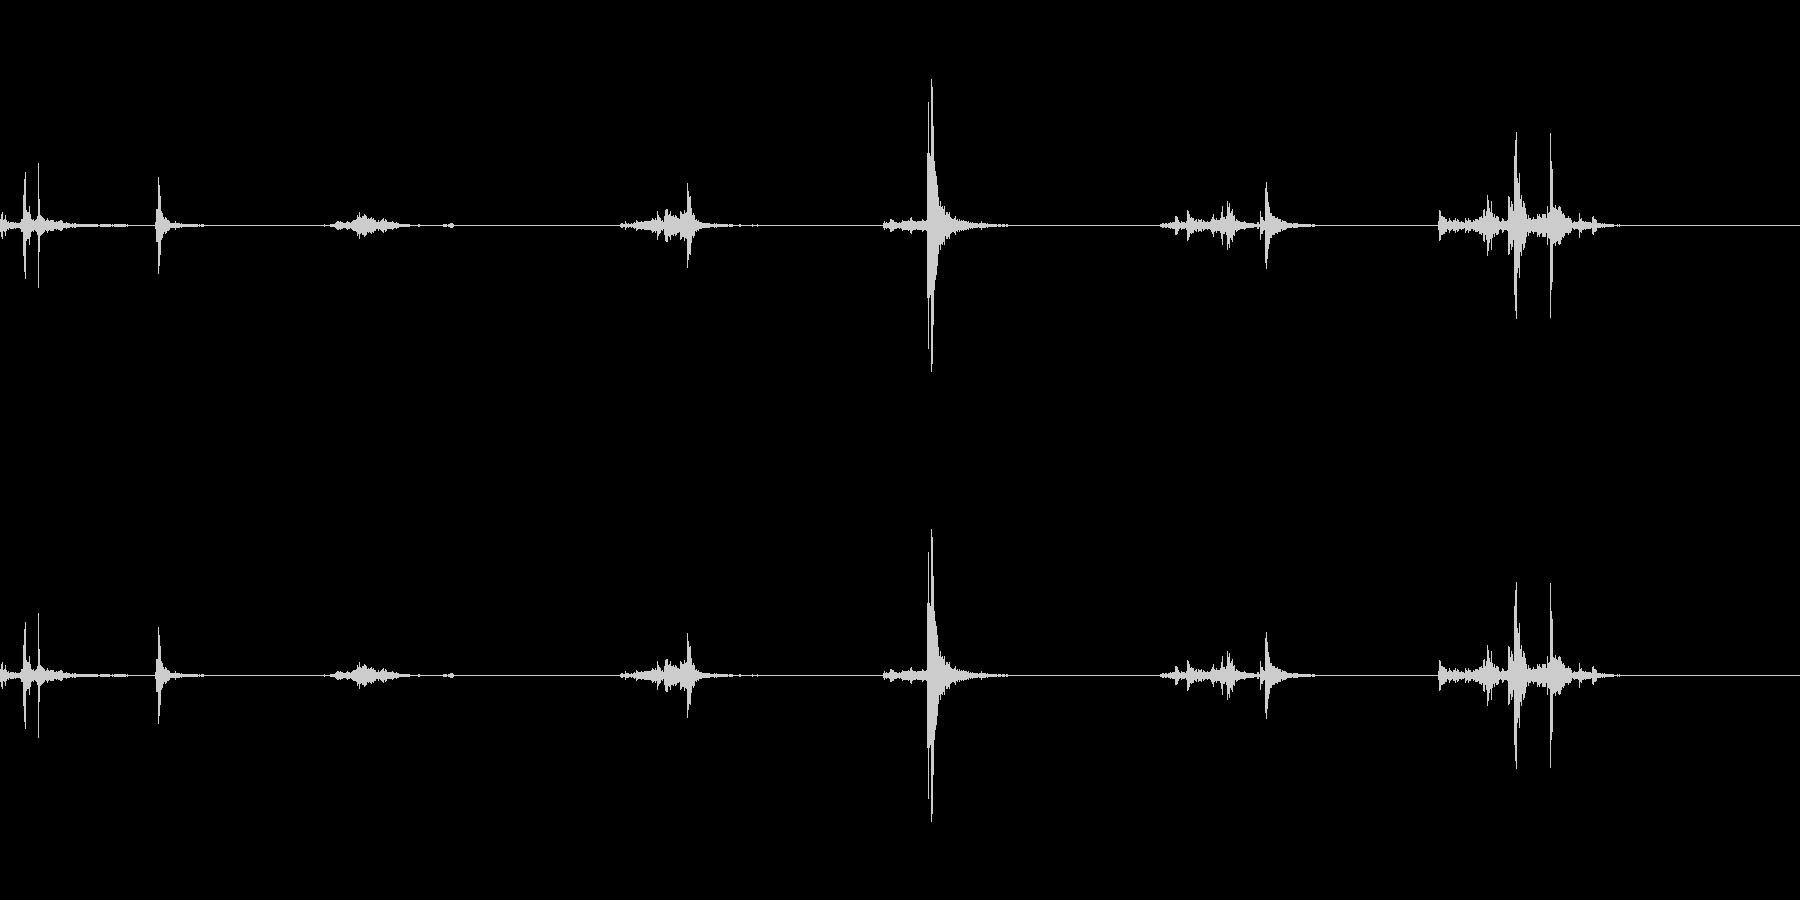 キュッキュ(水筒の蓋を開ける音)1の未再生の波形